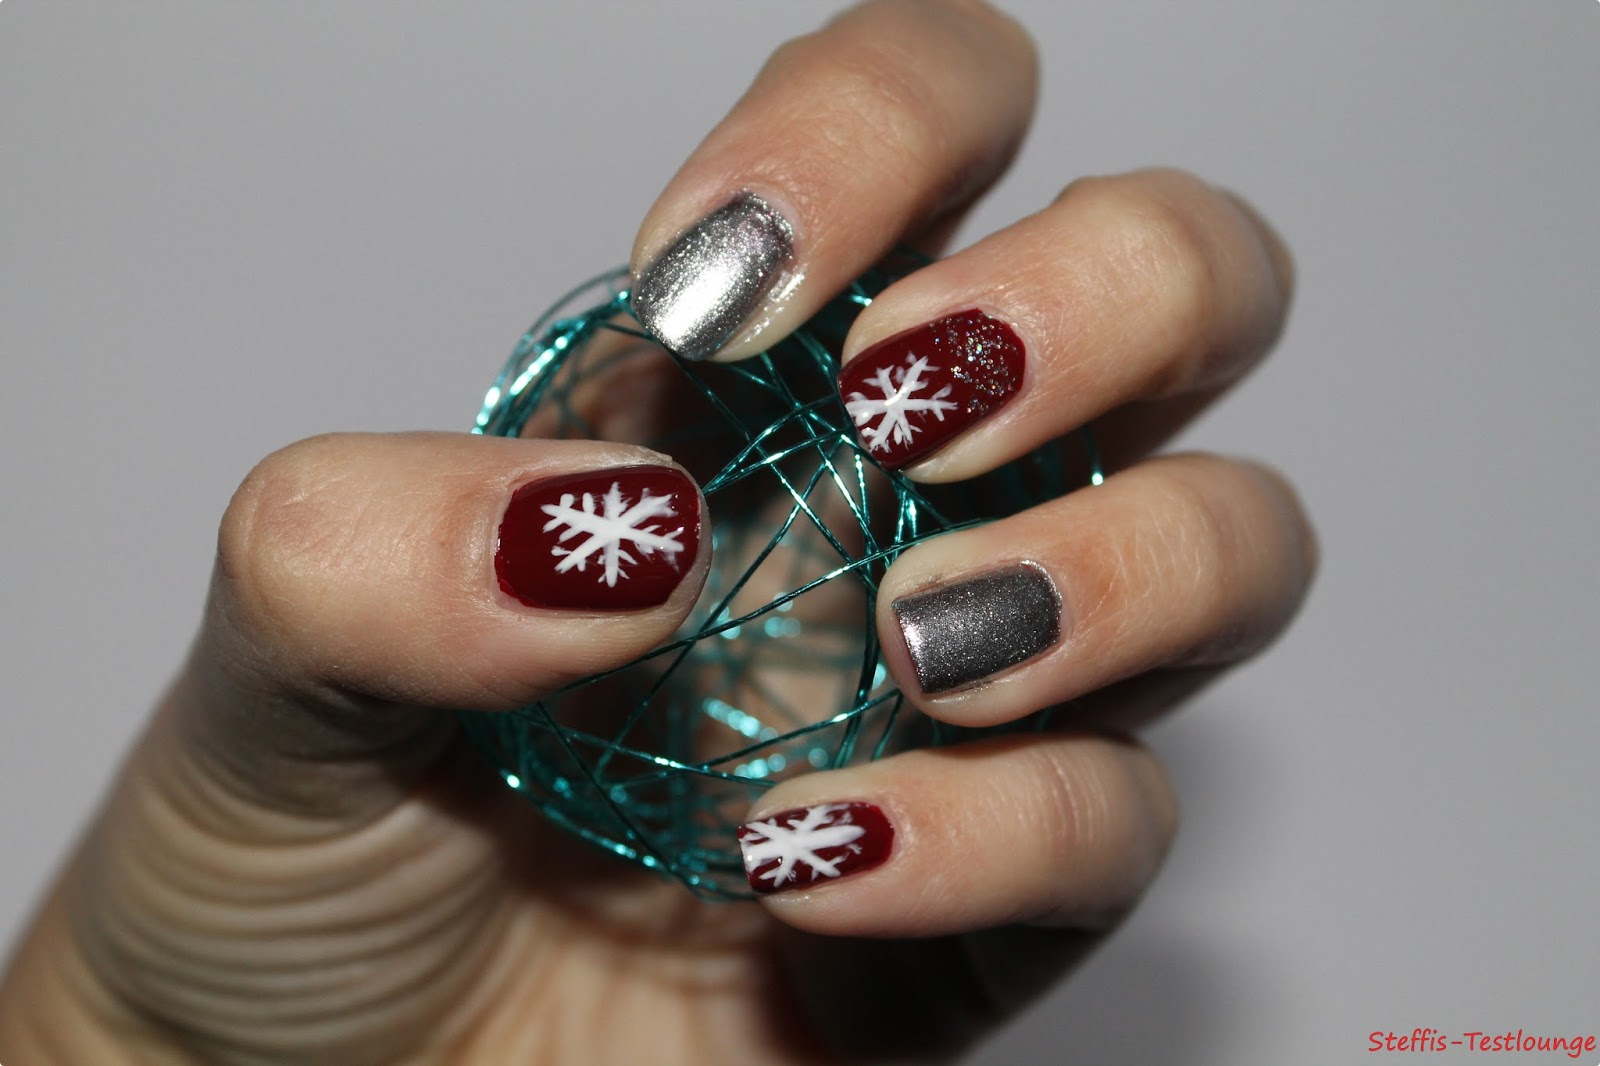 nageldesign weihnachten bilder - Nageldesign Weihnachten Nailart Nageldesign Bilder